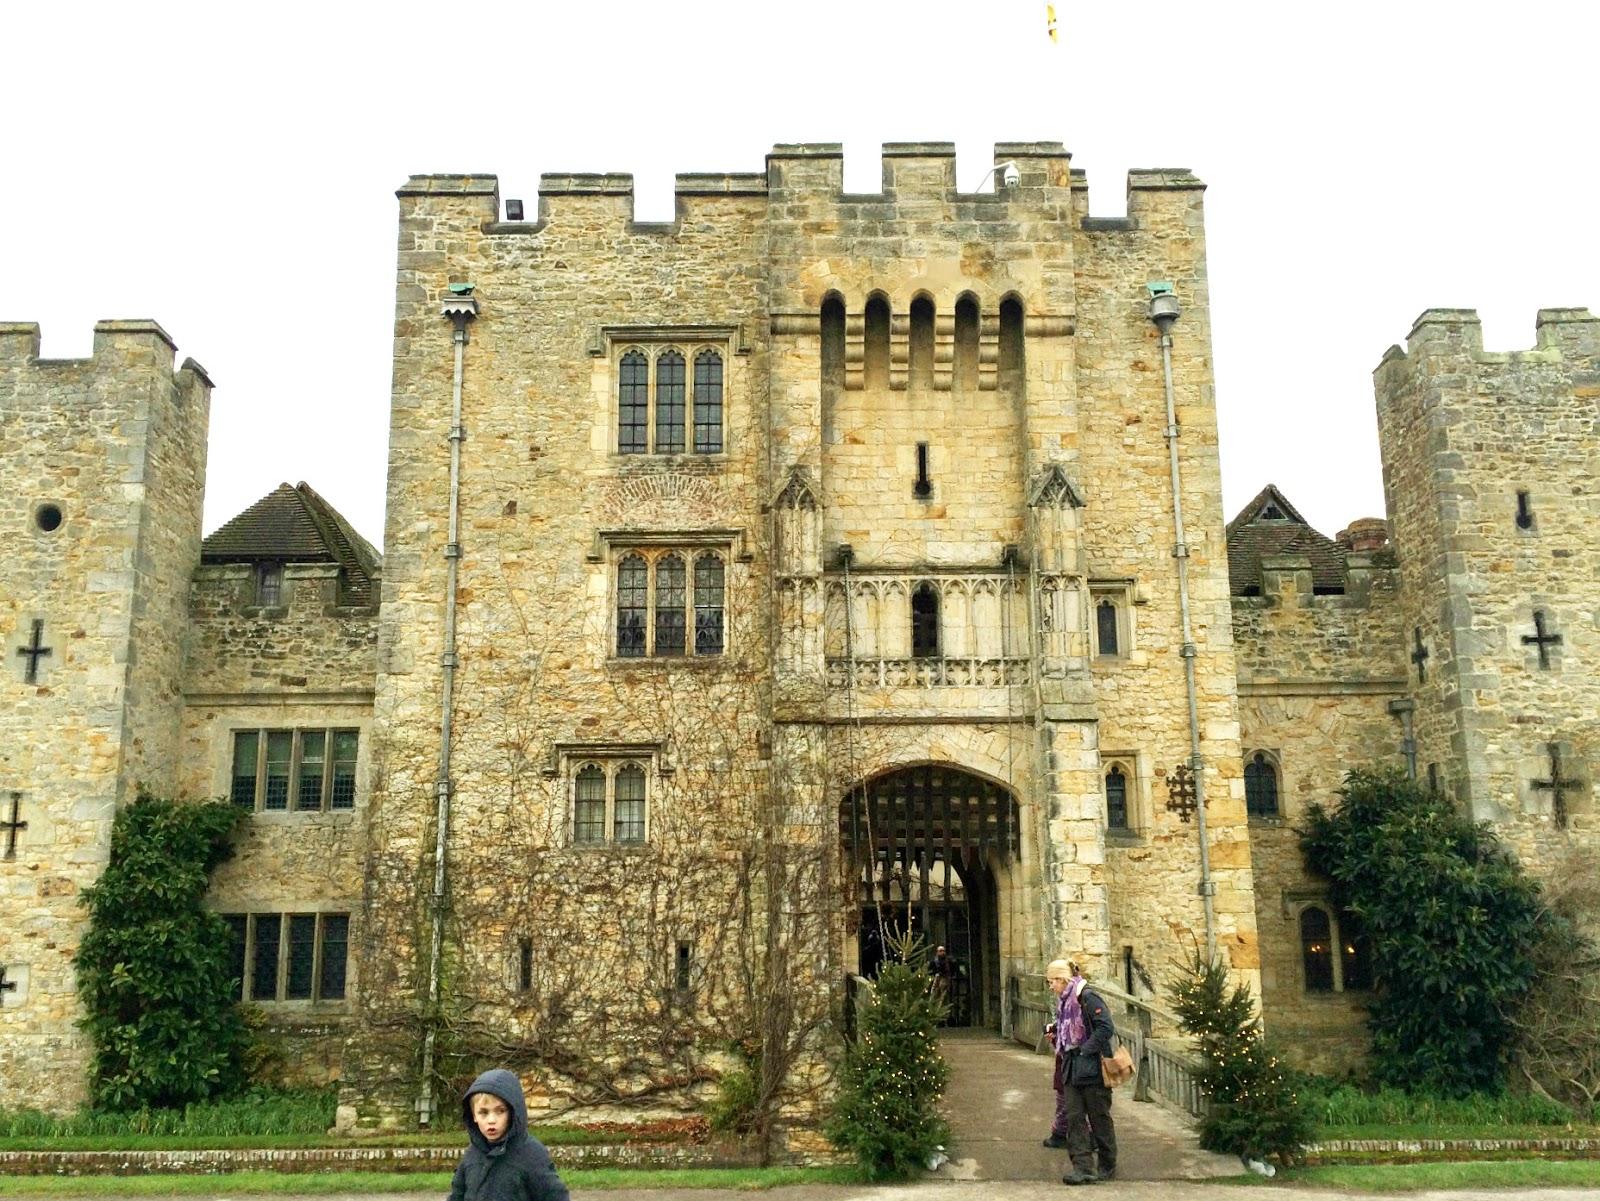 Hever Castle, England,